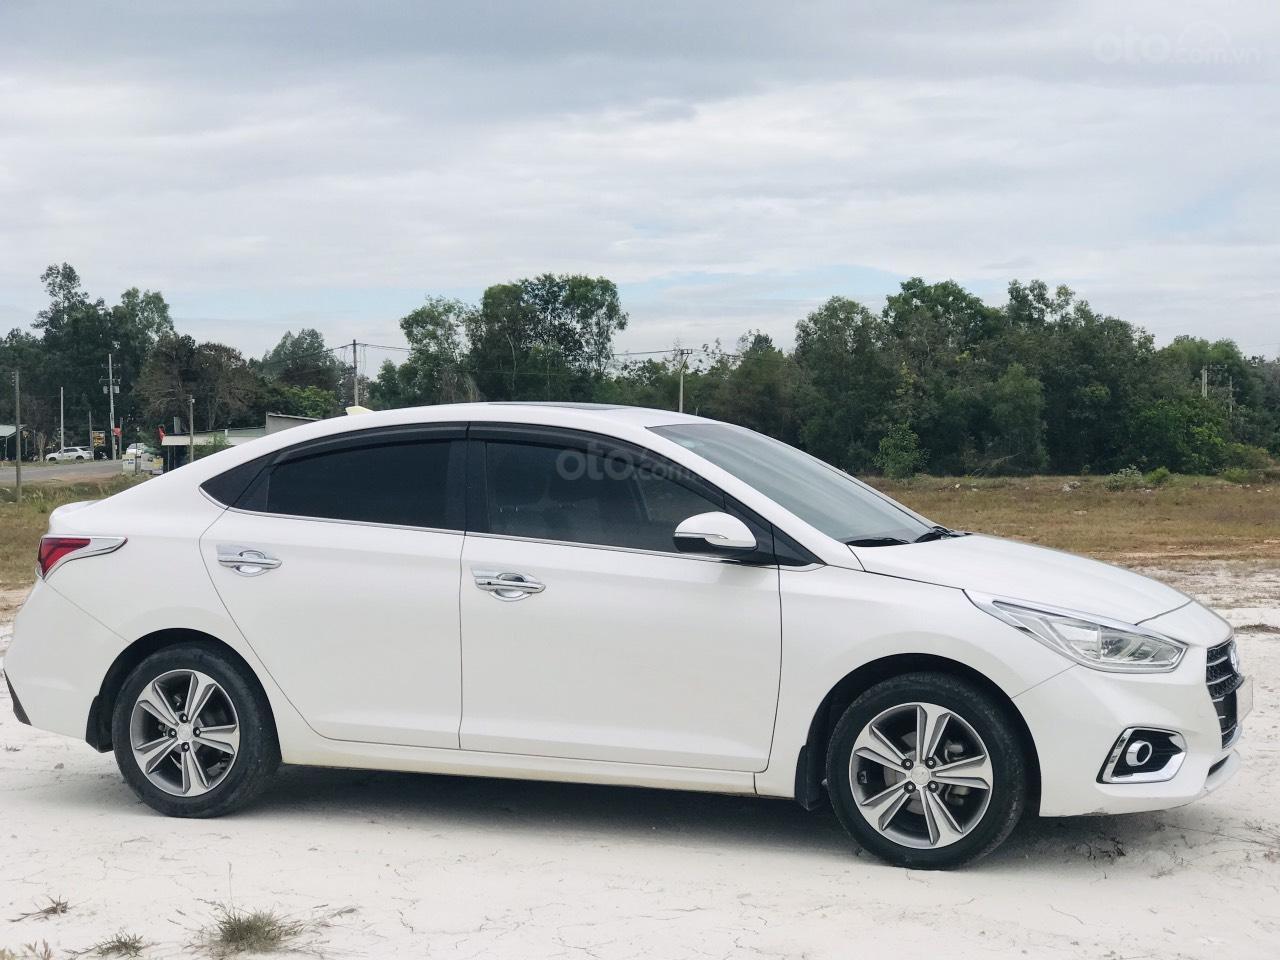 Mới về Hyundai Accent sản xuất 2018 1.4ATH bản đặc biệt (2)